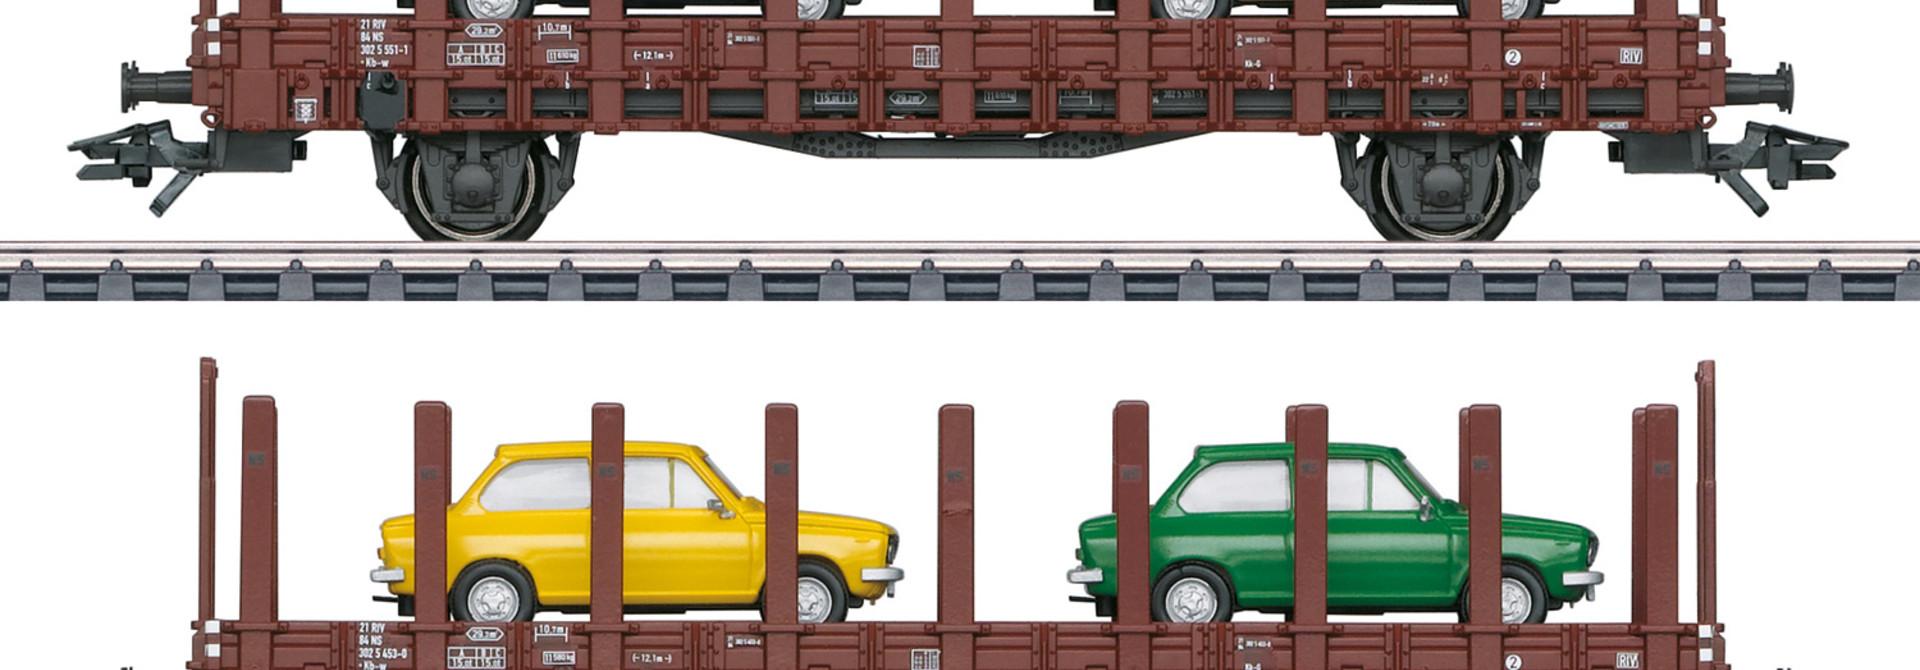 46404 Nederlandse rongenwagens beladen met  DAF66  van de NS